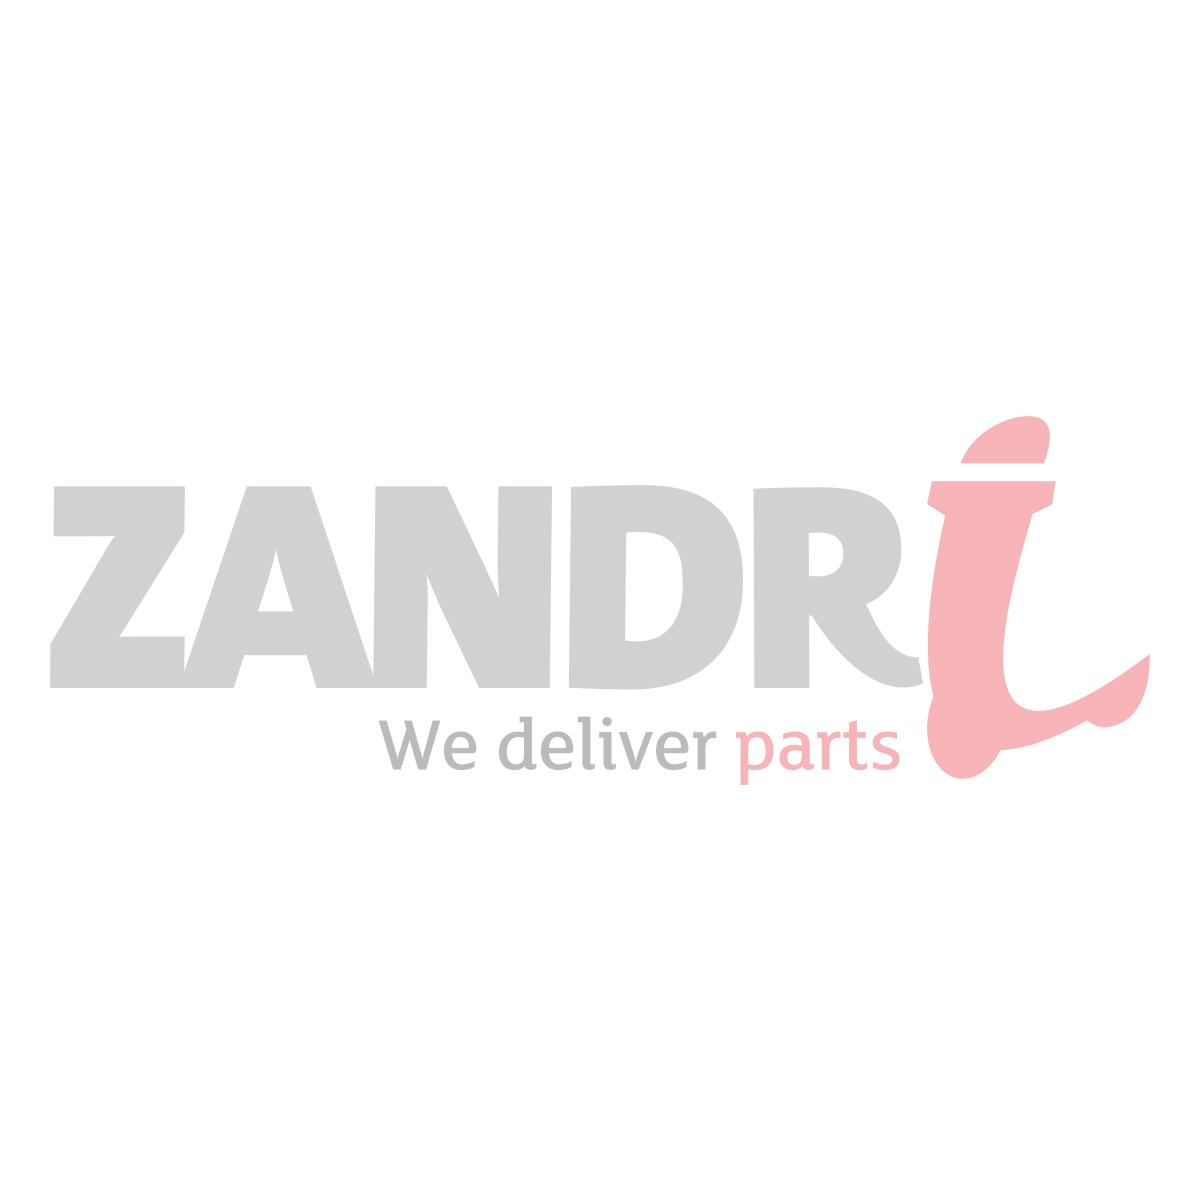 Carterpakking oliedeksel LX Zip 4t